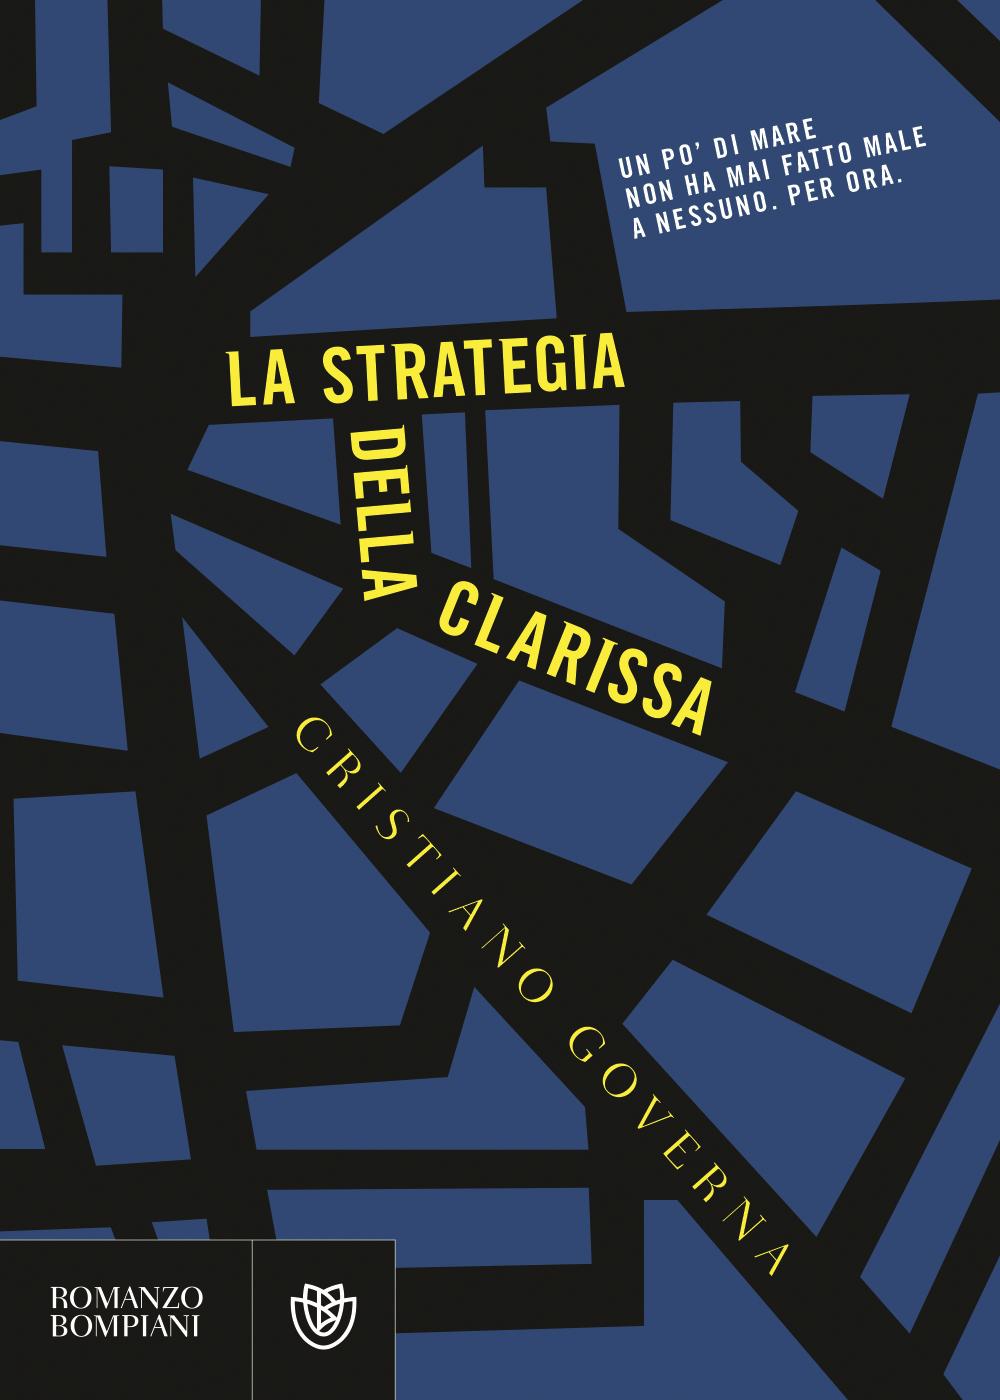 La strategia della clarissa (The clarissine strategy)